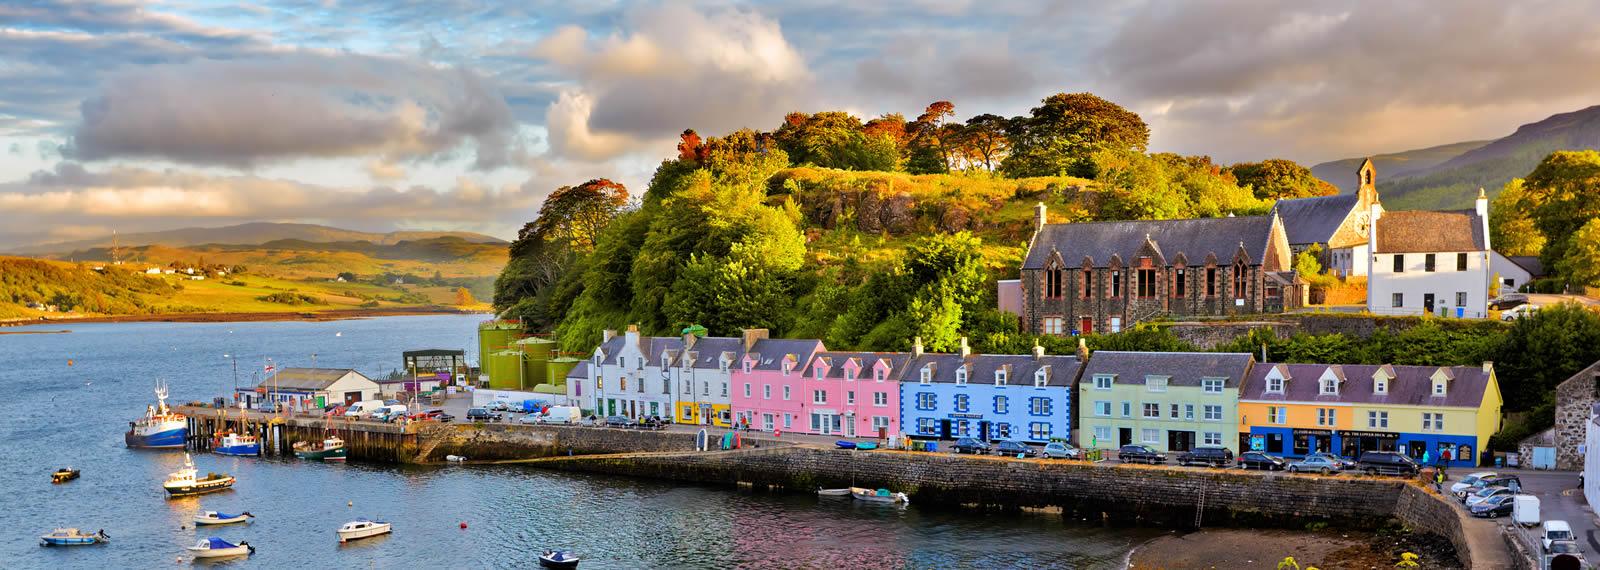 Broadford, Isle Of Skye